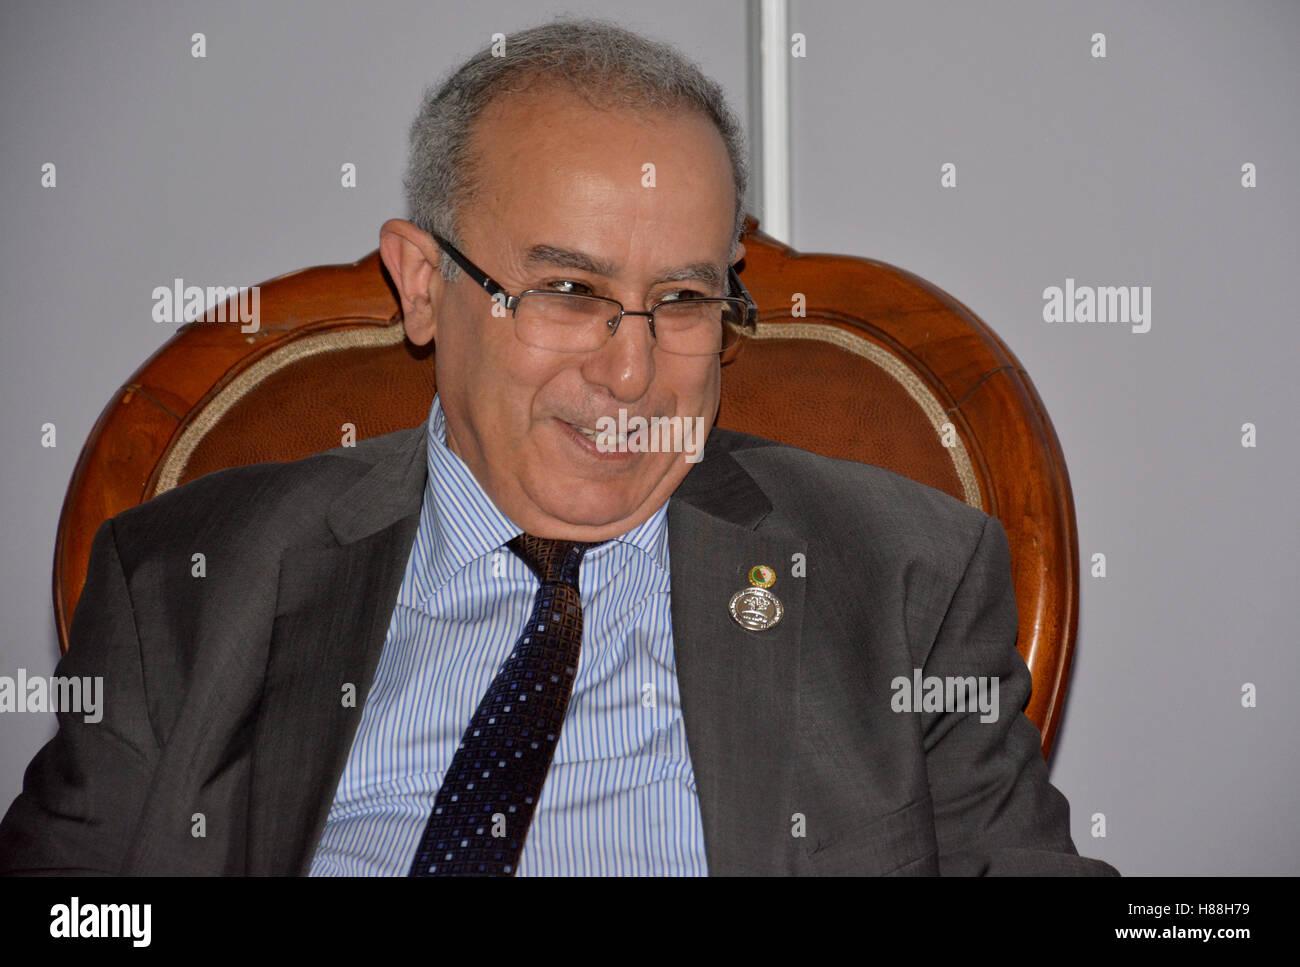 Ministre des affaires étrangères de l'Algérie, Ramtane Lamamra au cours de la réunion Photo Stock